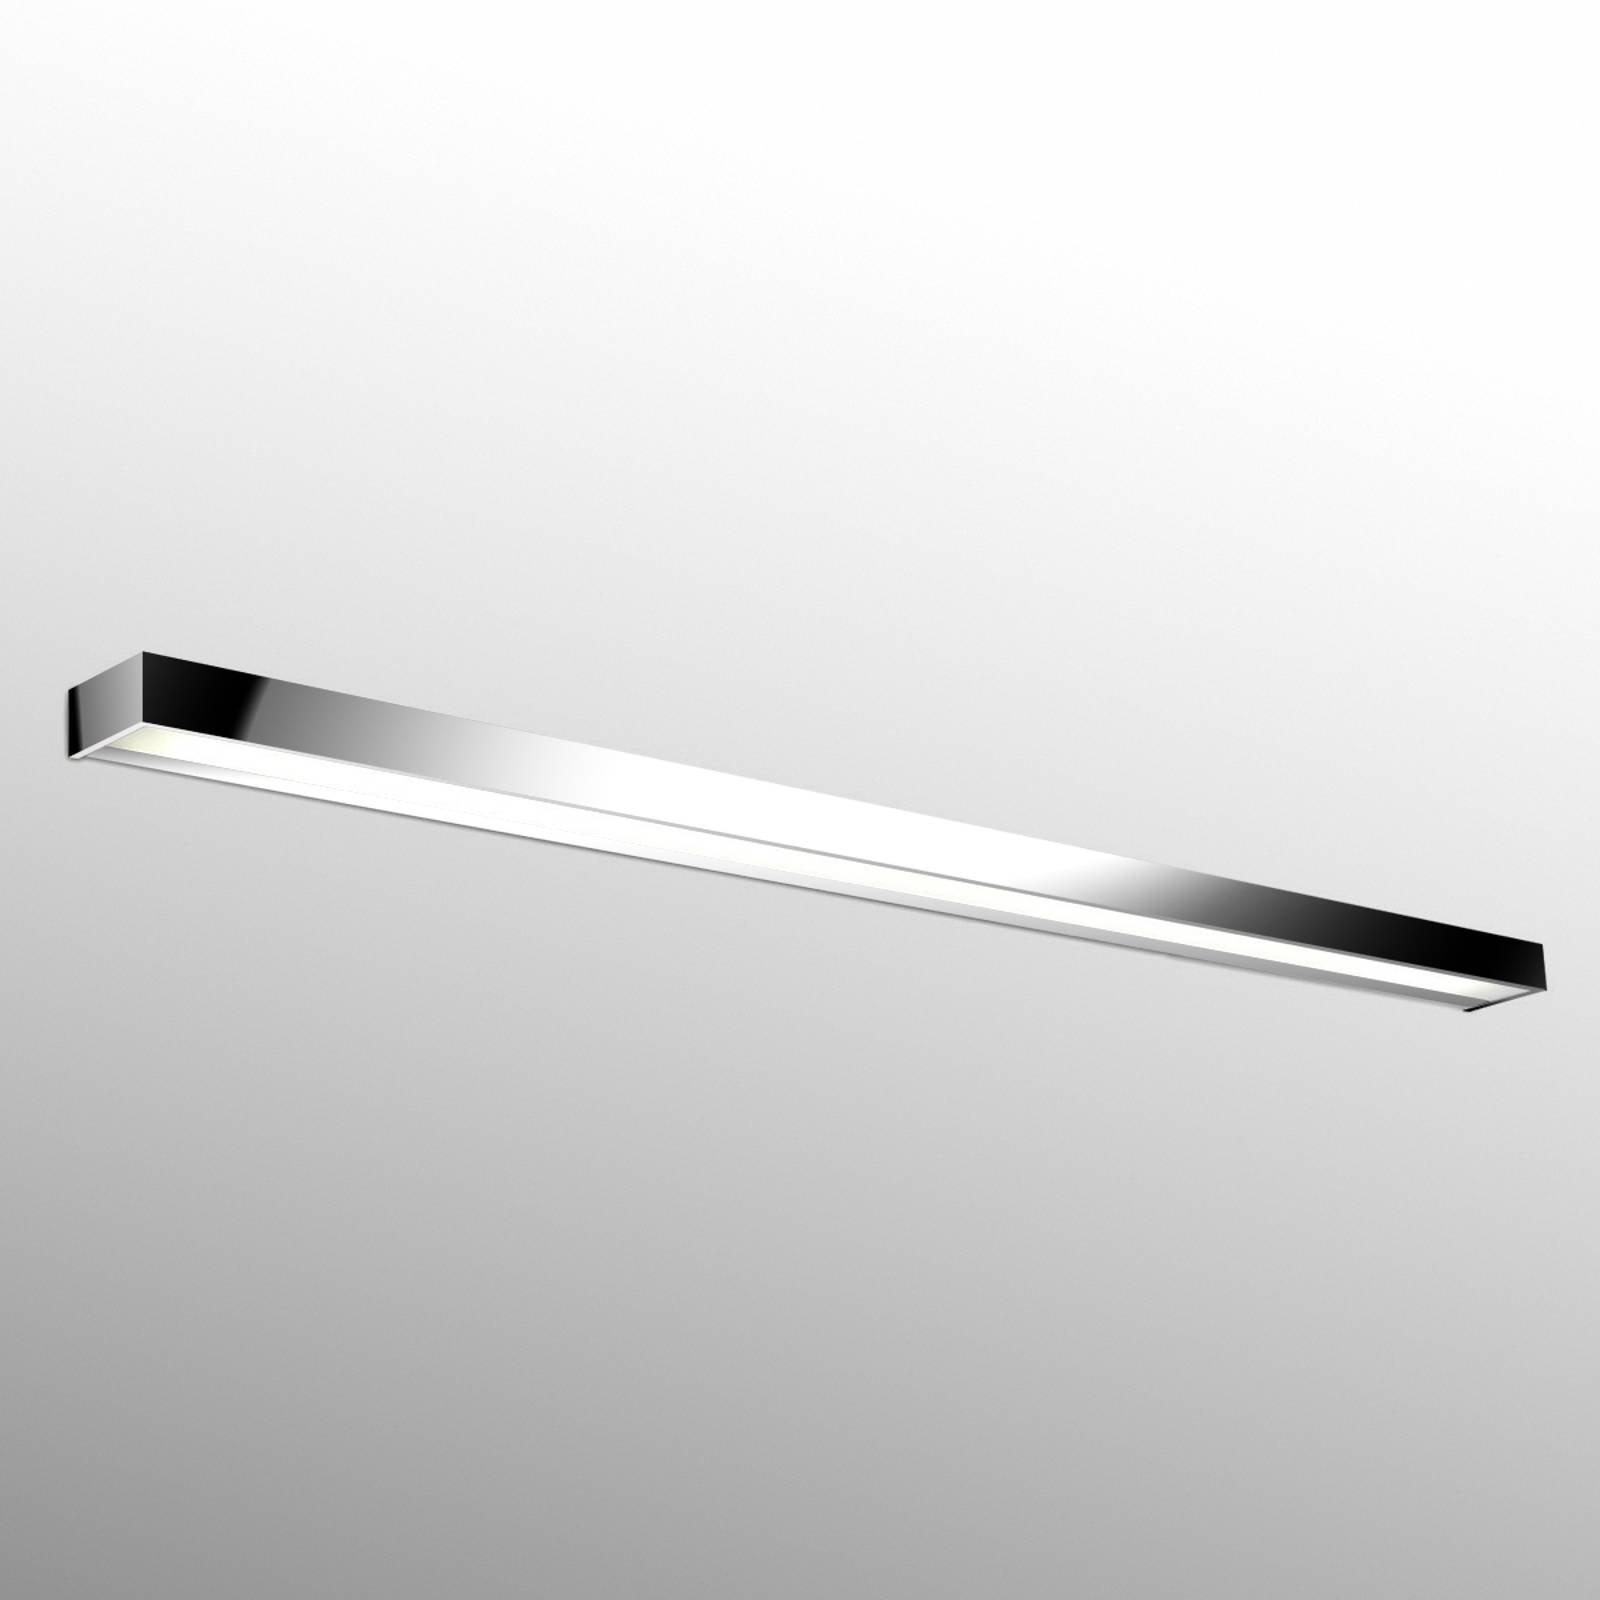 Utmerket LED-vegglampe Apolo, 150 cm krom